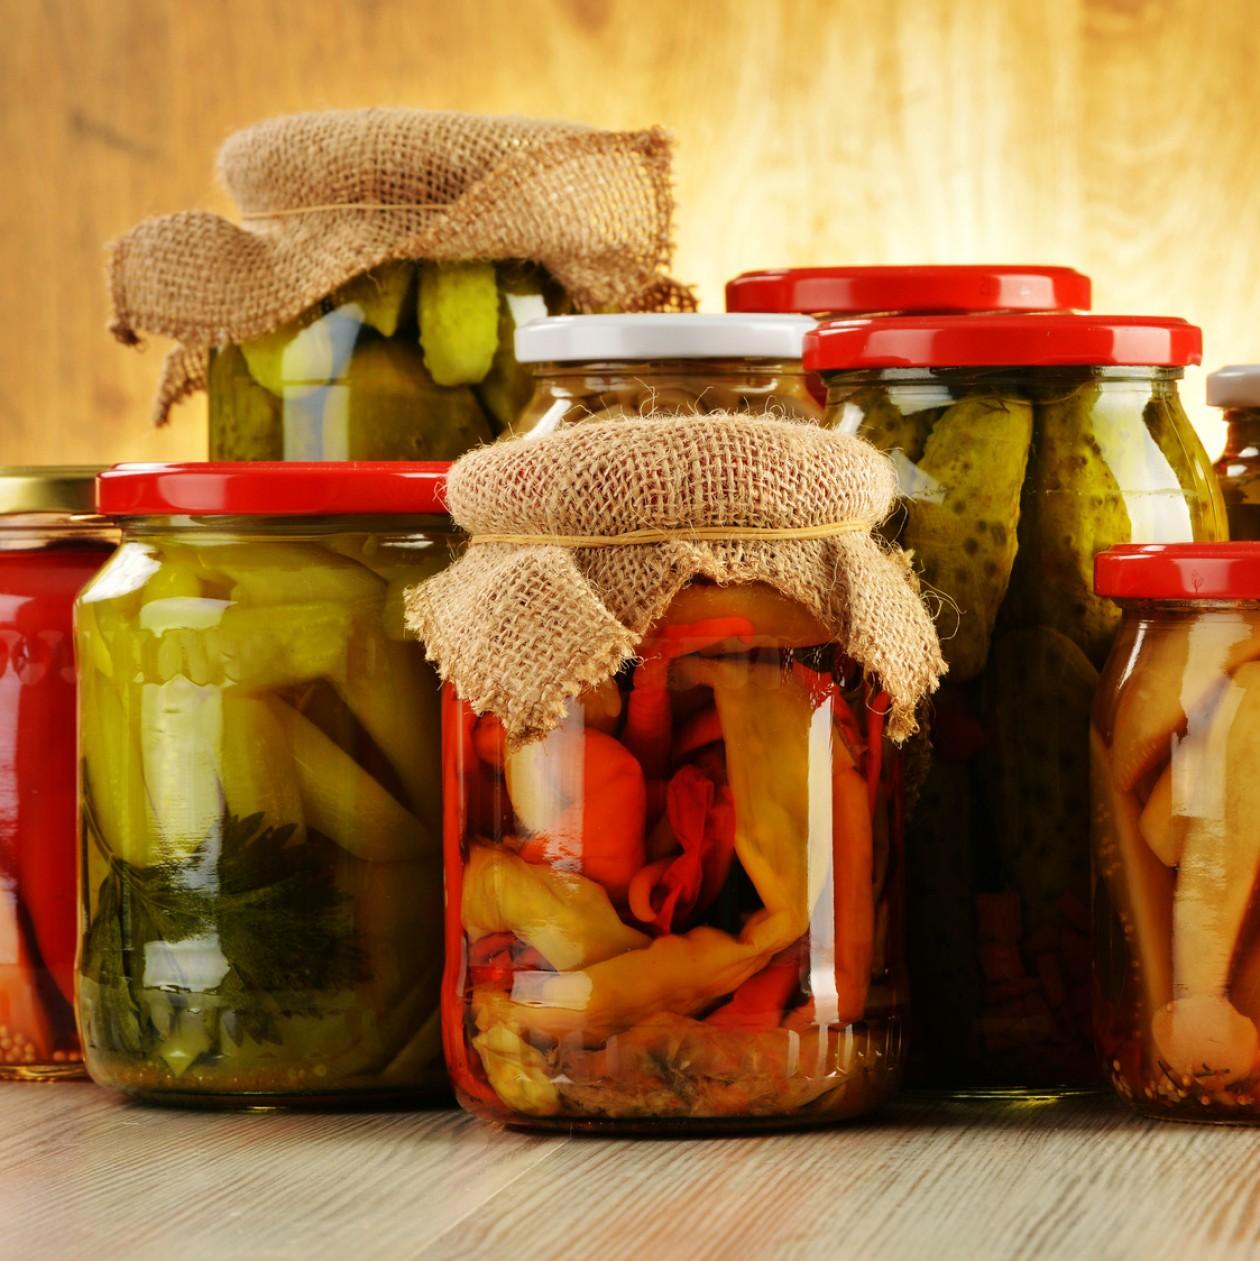 cropped-fermented-food-jars.jpg